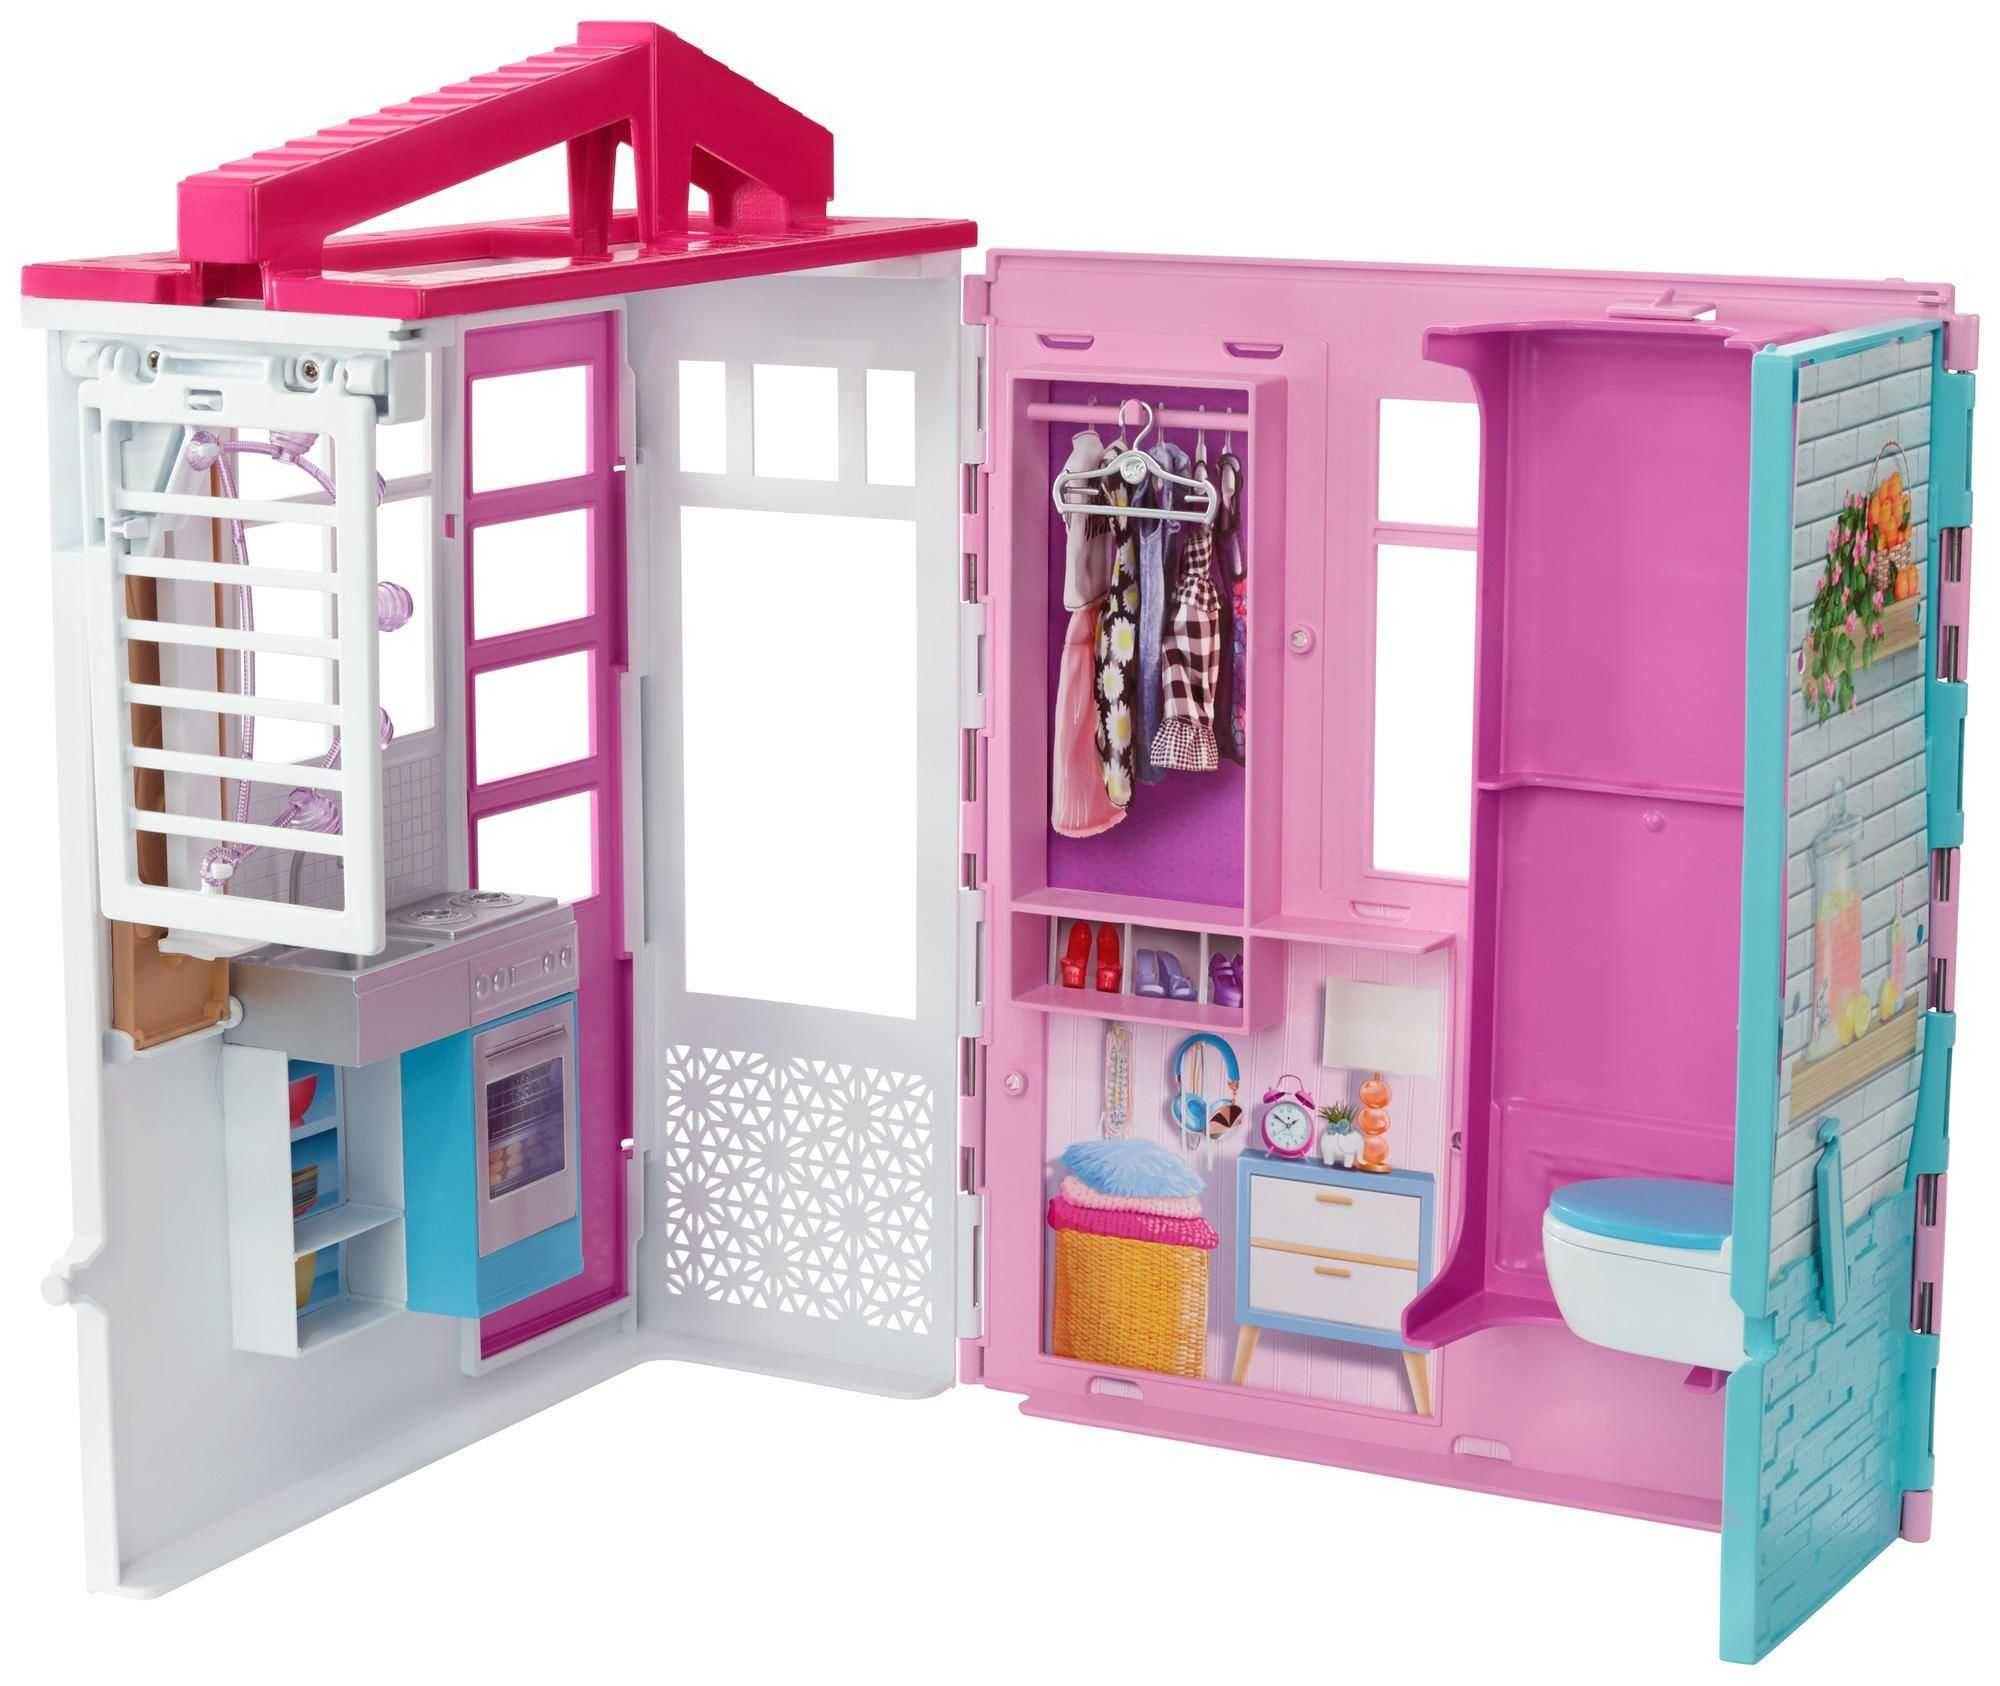 Игрален комплект Mattel Barbie - Къща за кукли - 2